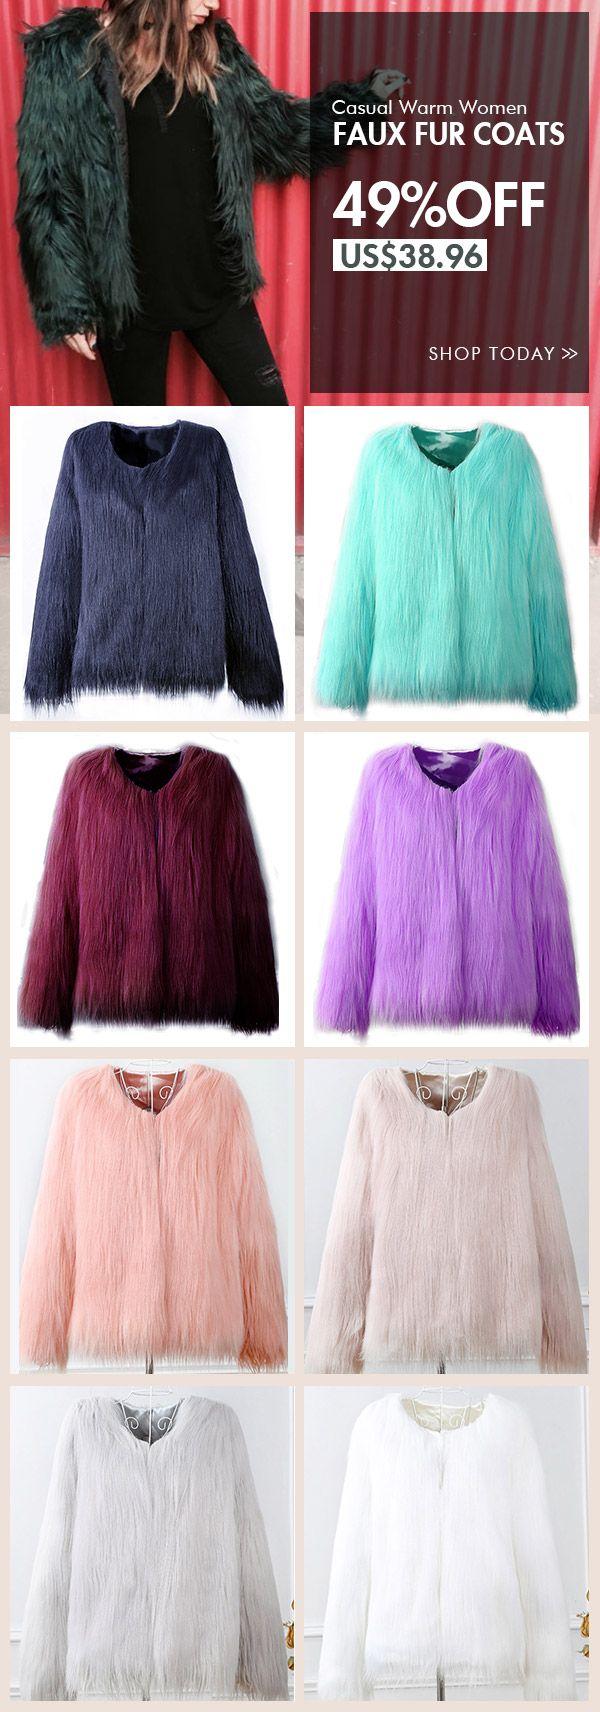 [Newchic Online Shopping] 49%OFF Casual Warm Women Faux Fur Coats